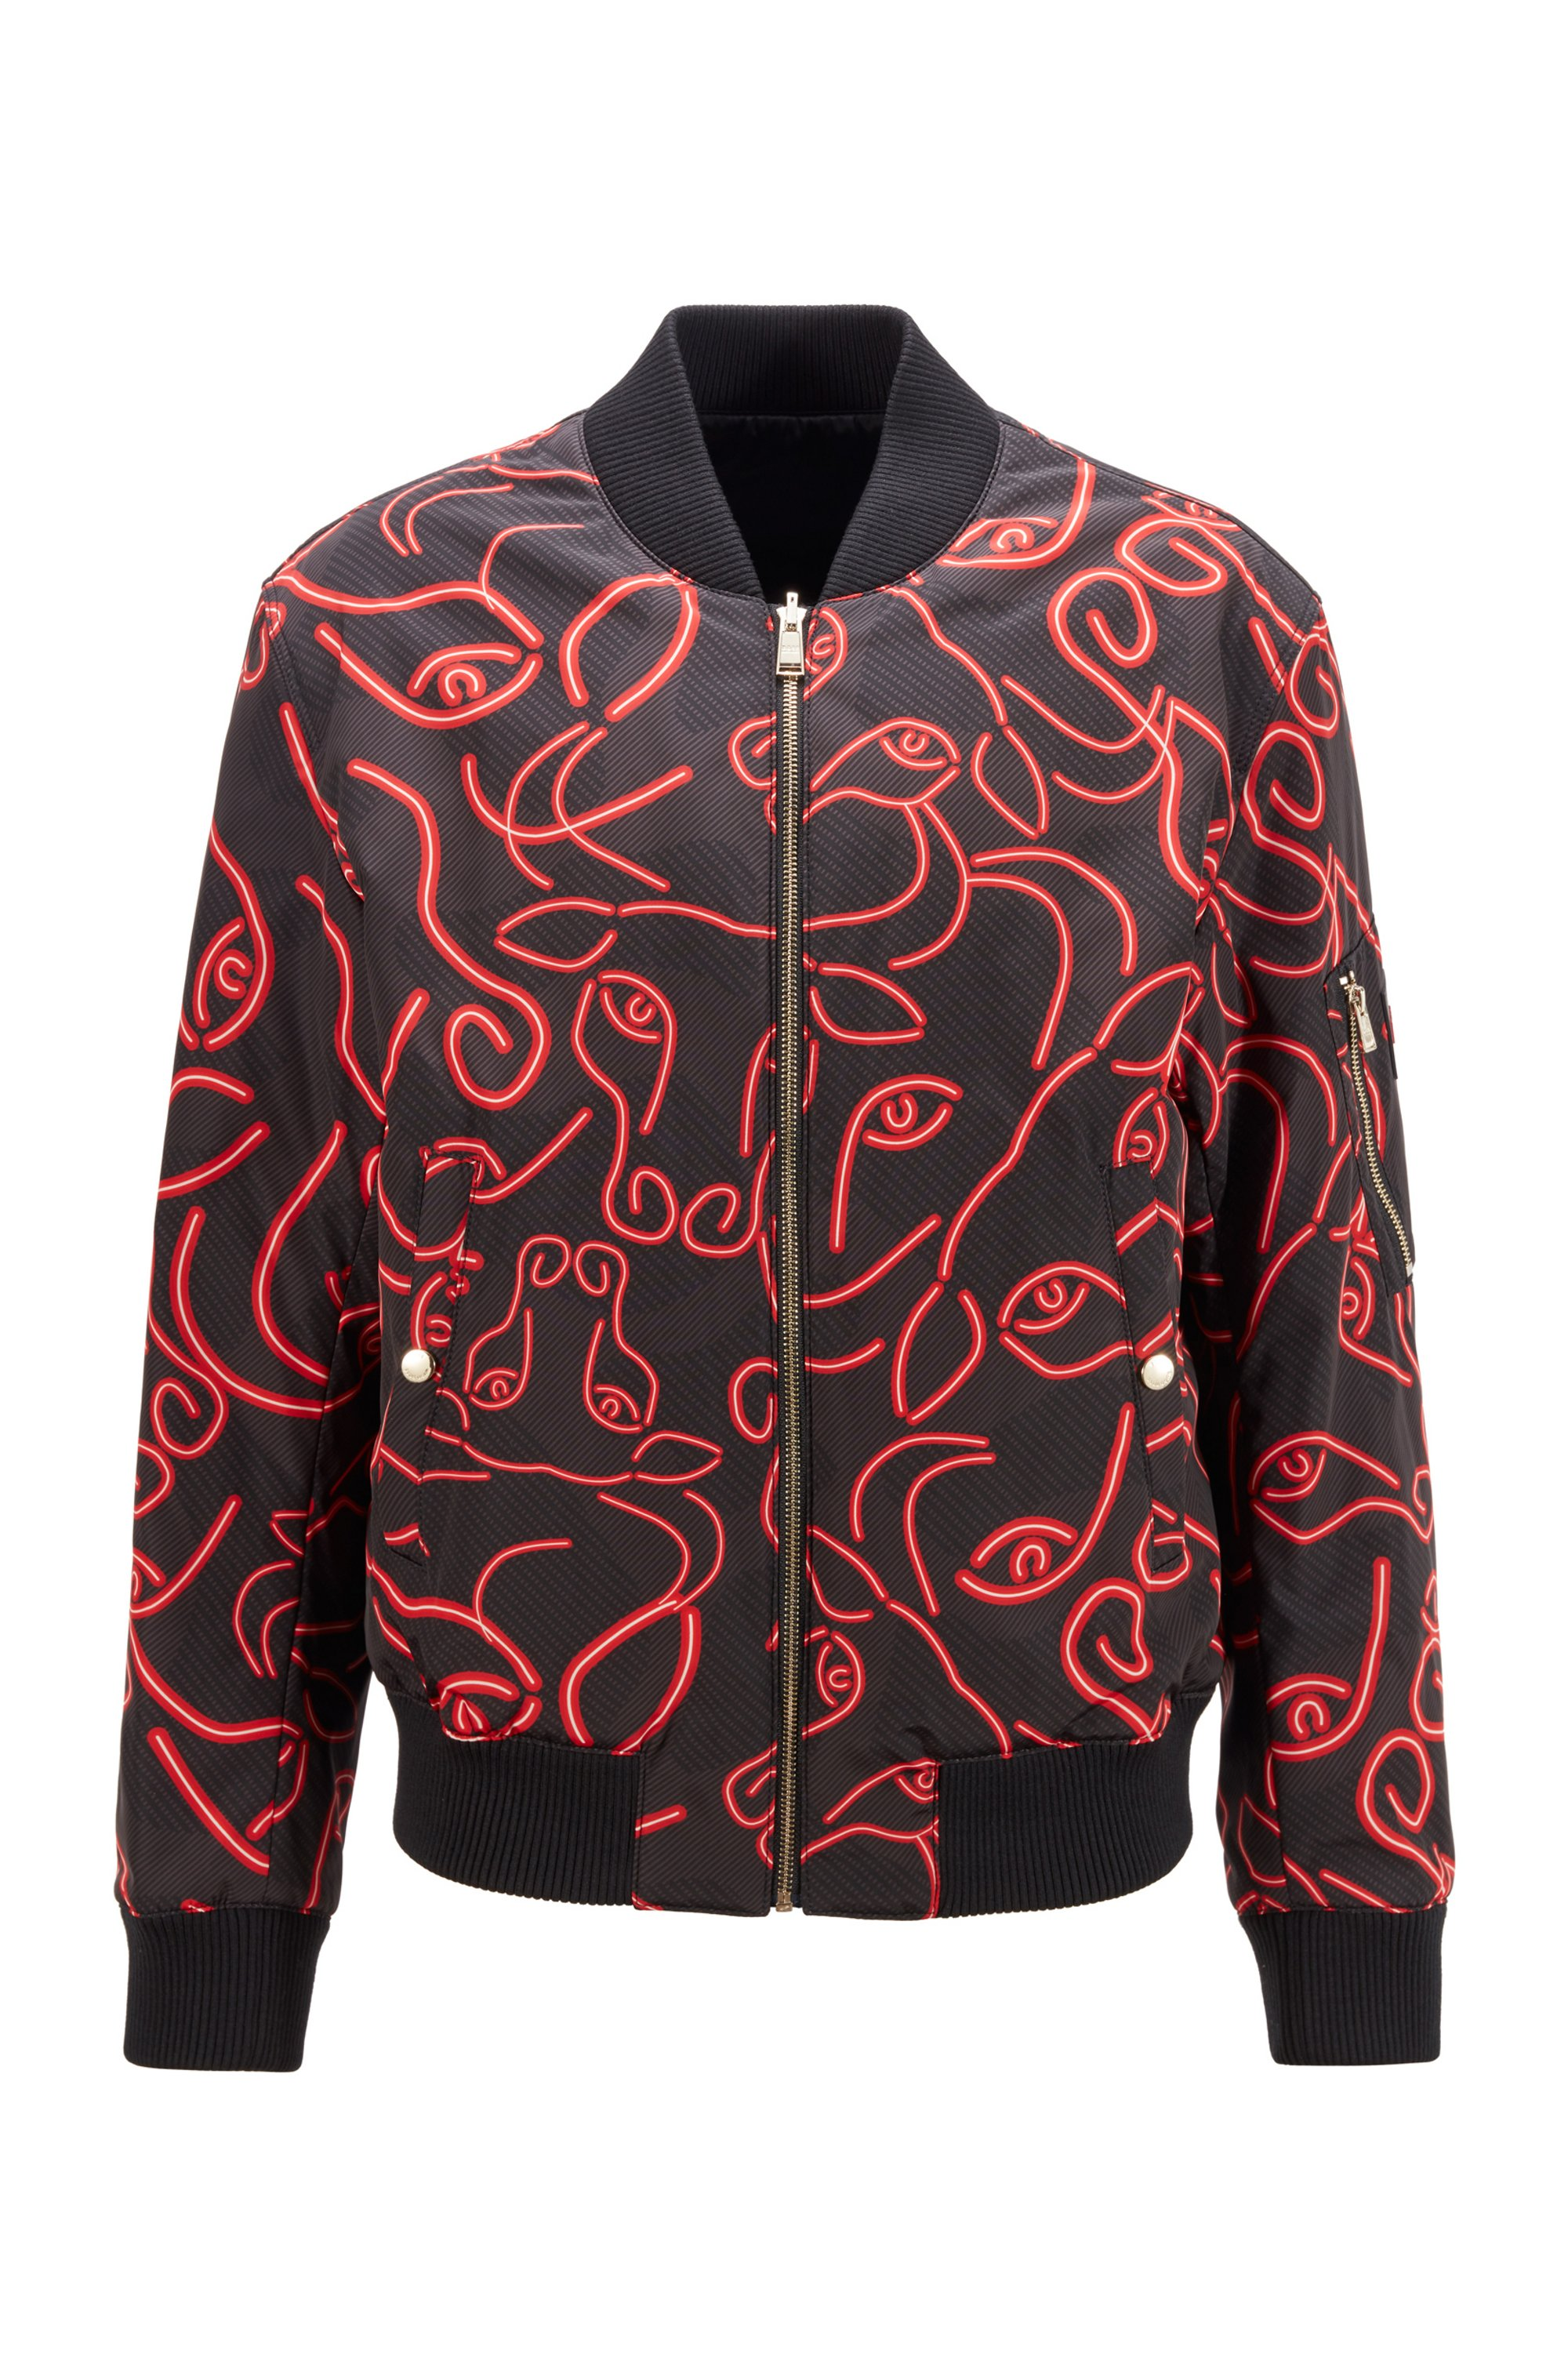 Omkeerbare jas met glanzende en ossenkopprint kant, Rood met dessin